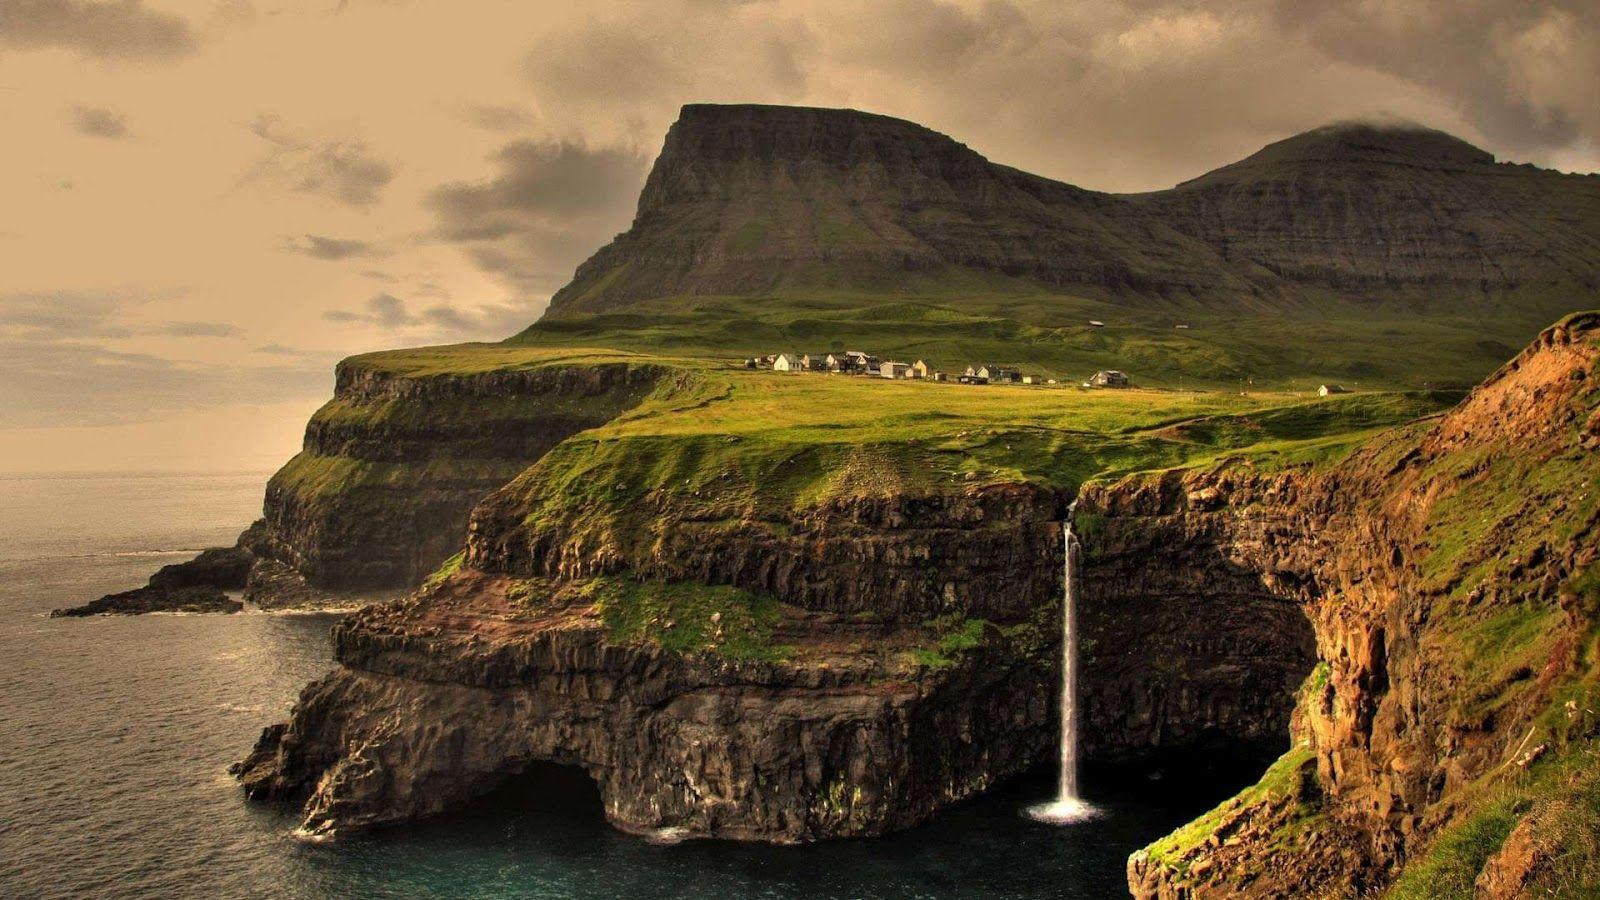 Ireland Desktop Wallpapers   Top Ireland Desktop Backgrounds 1600x900